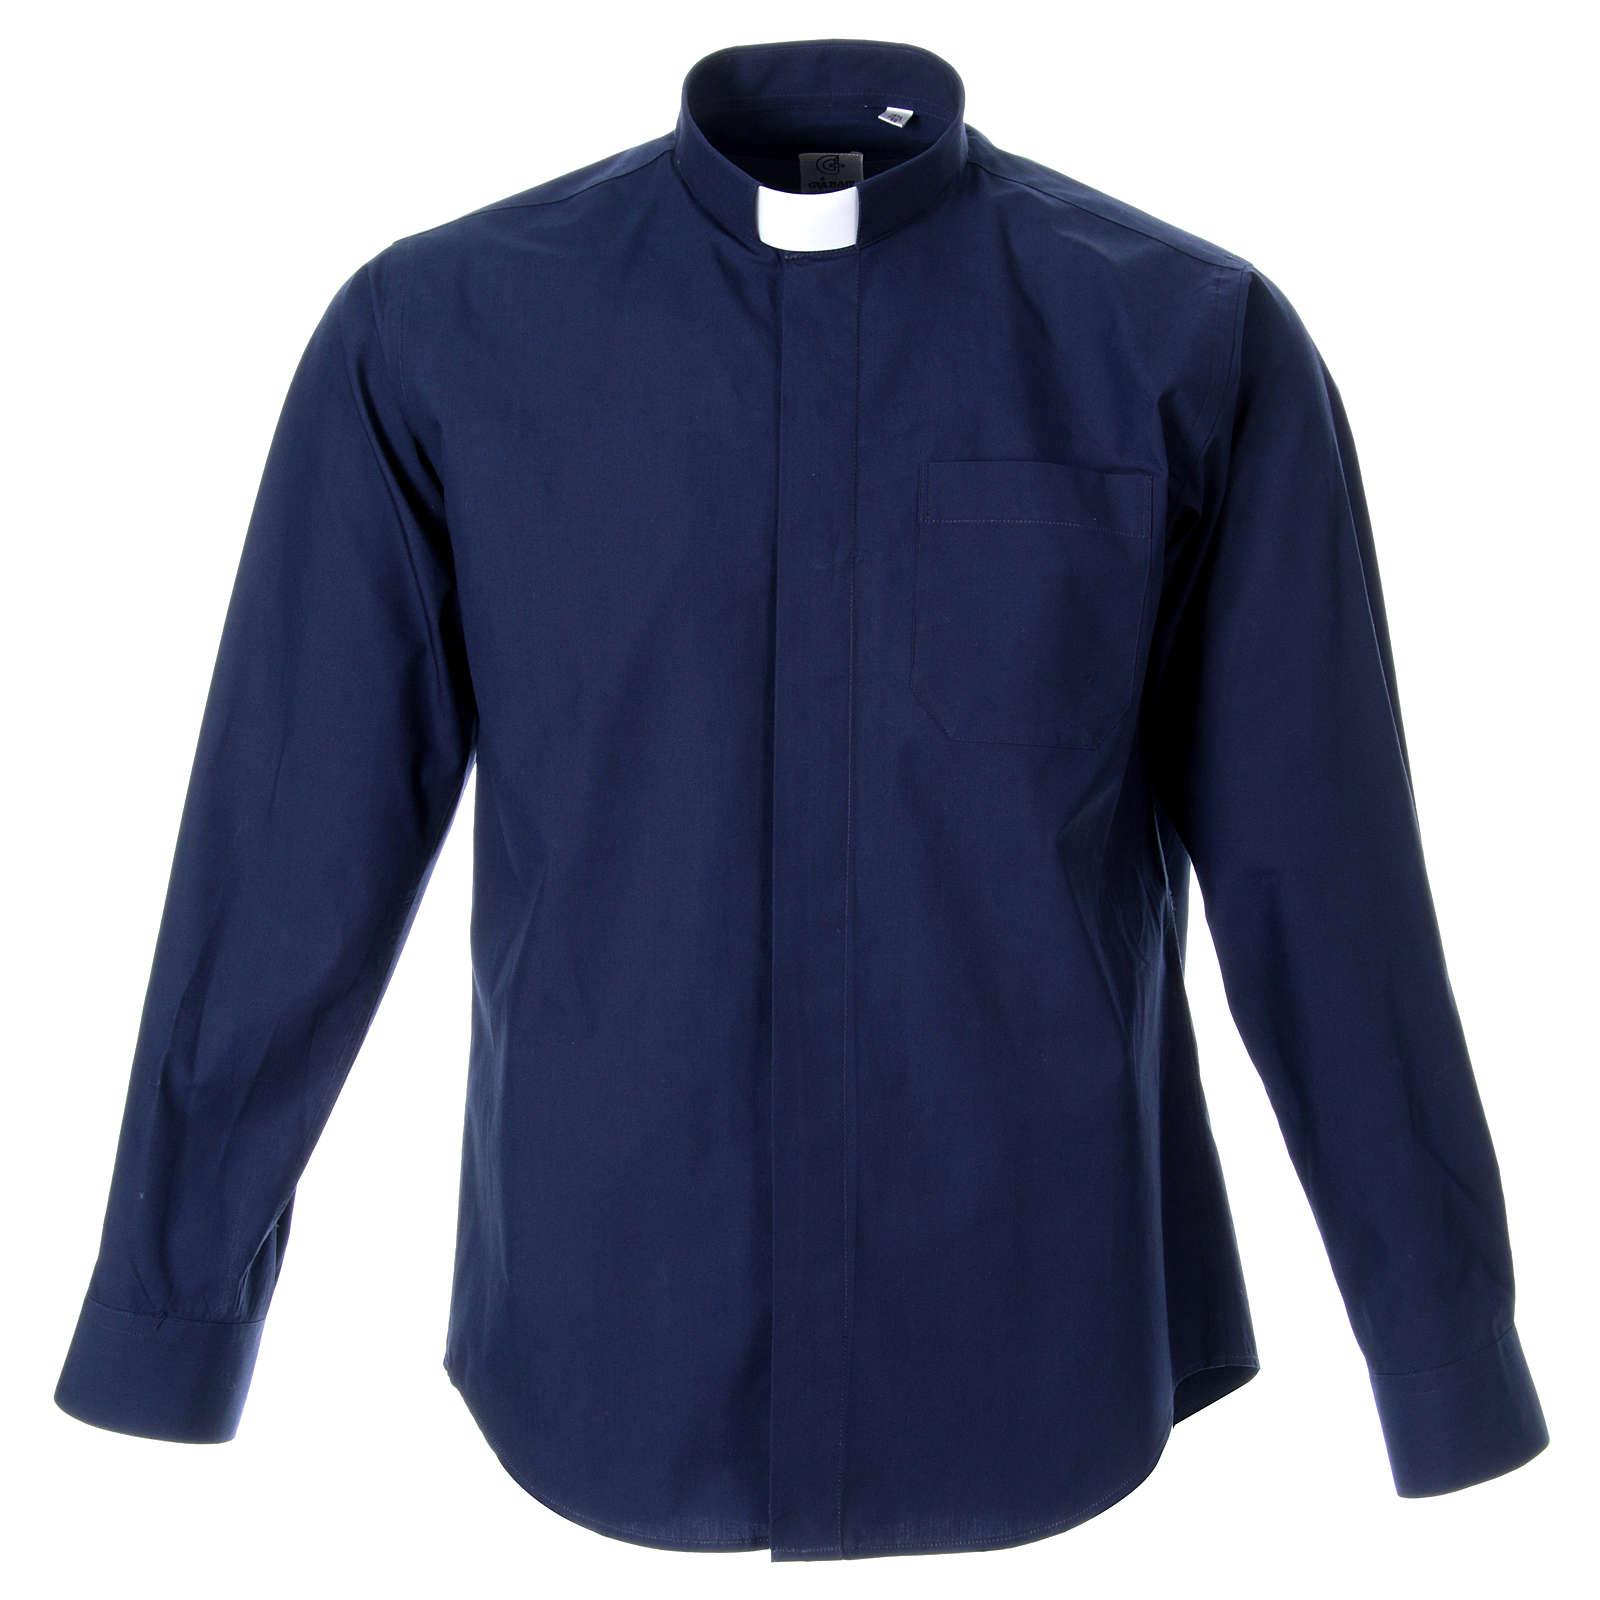 STOCK Collarhemd mit Langarm aus Baumwoll-Popeline in der Farbe Blau 4